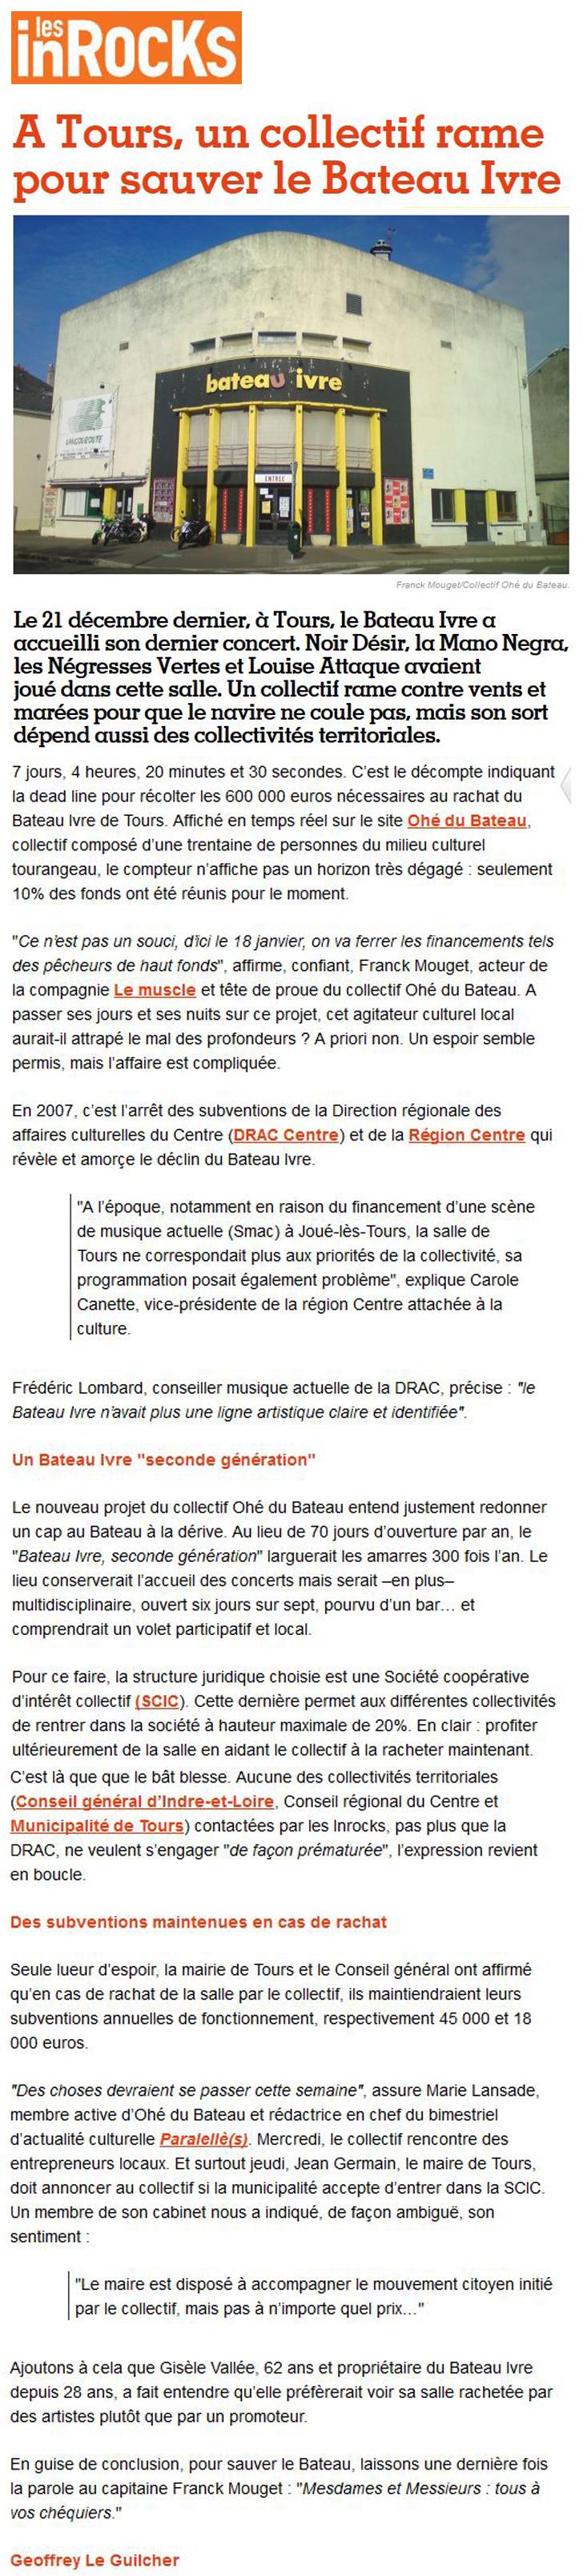 les-inrocks-11-01-2011